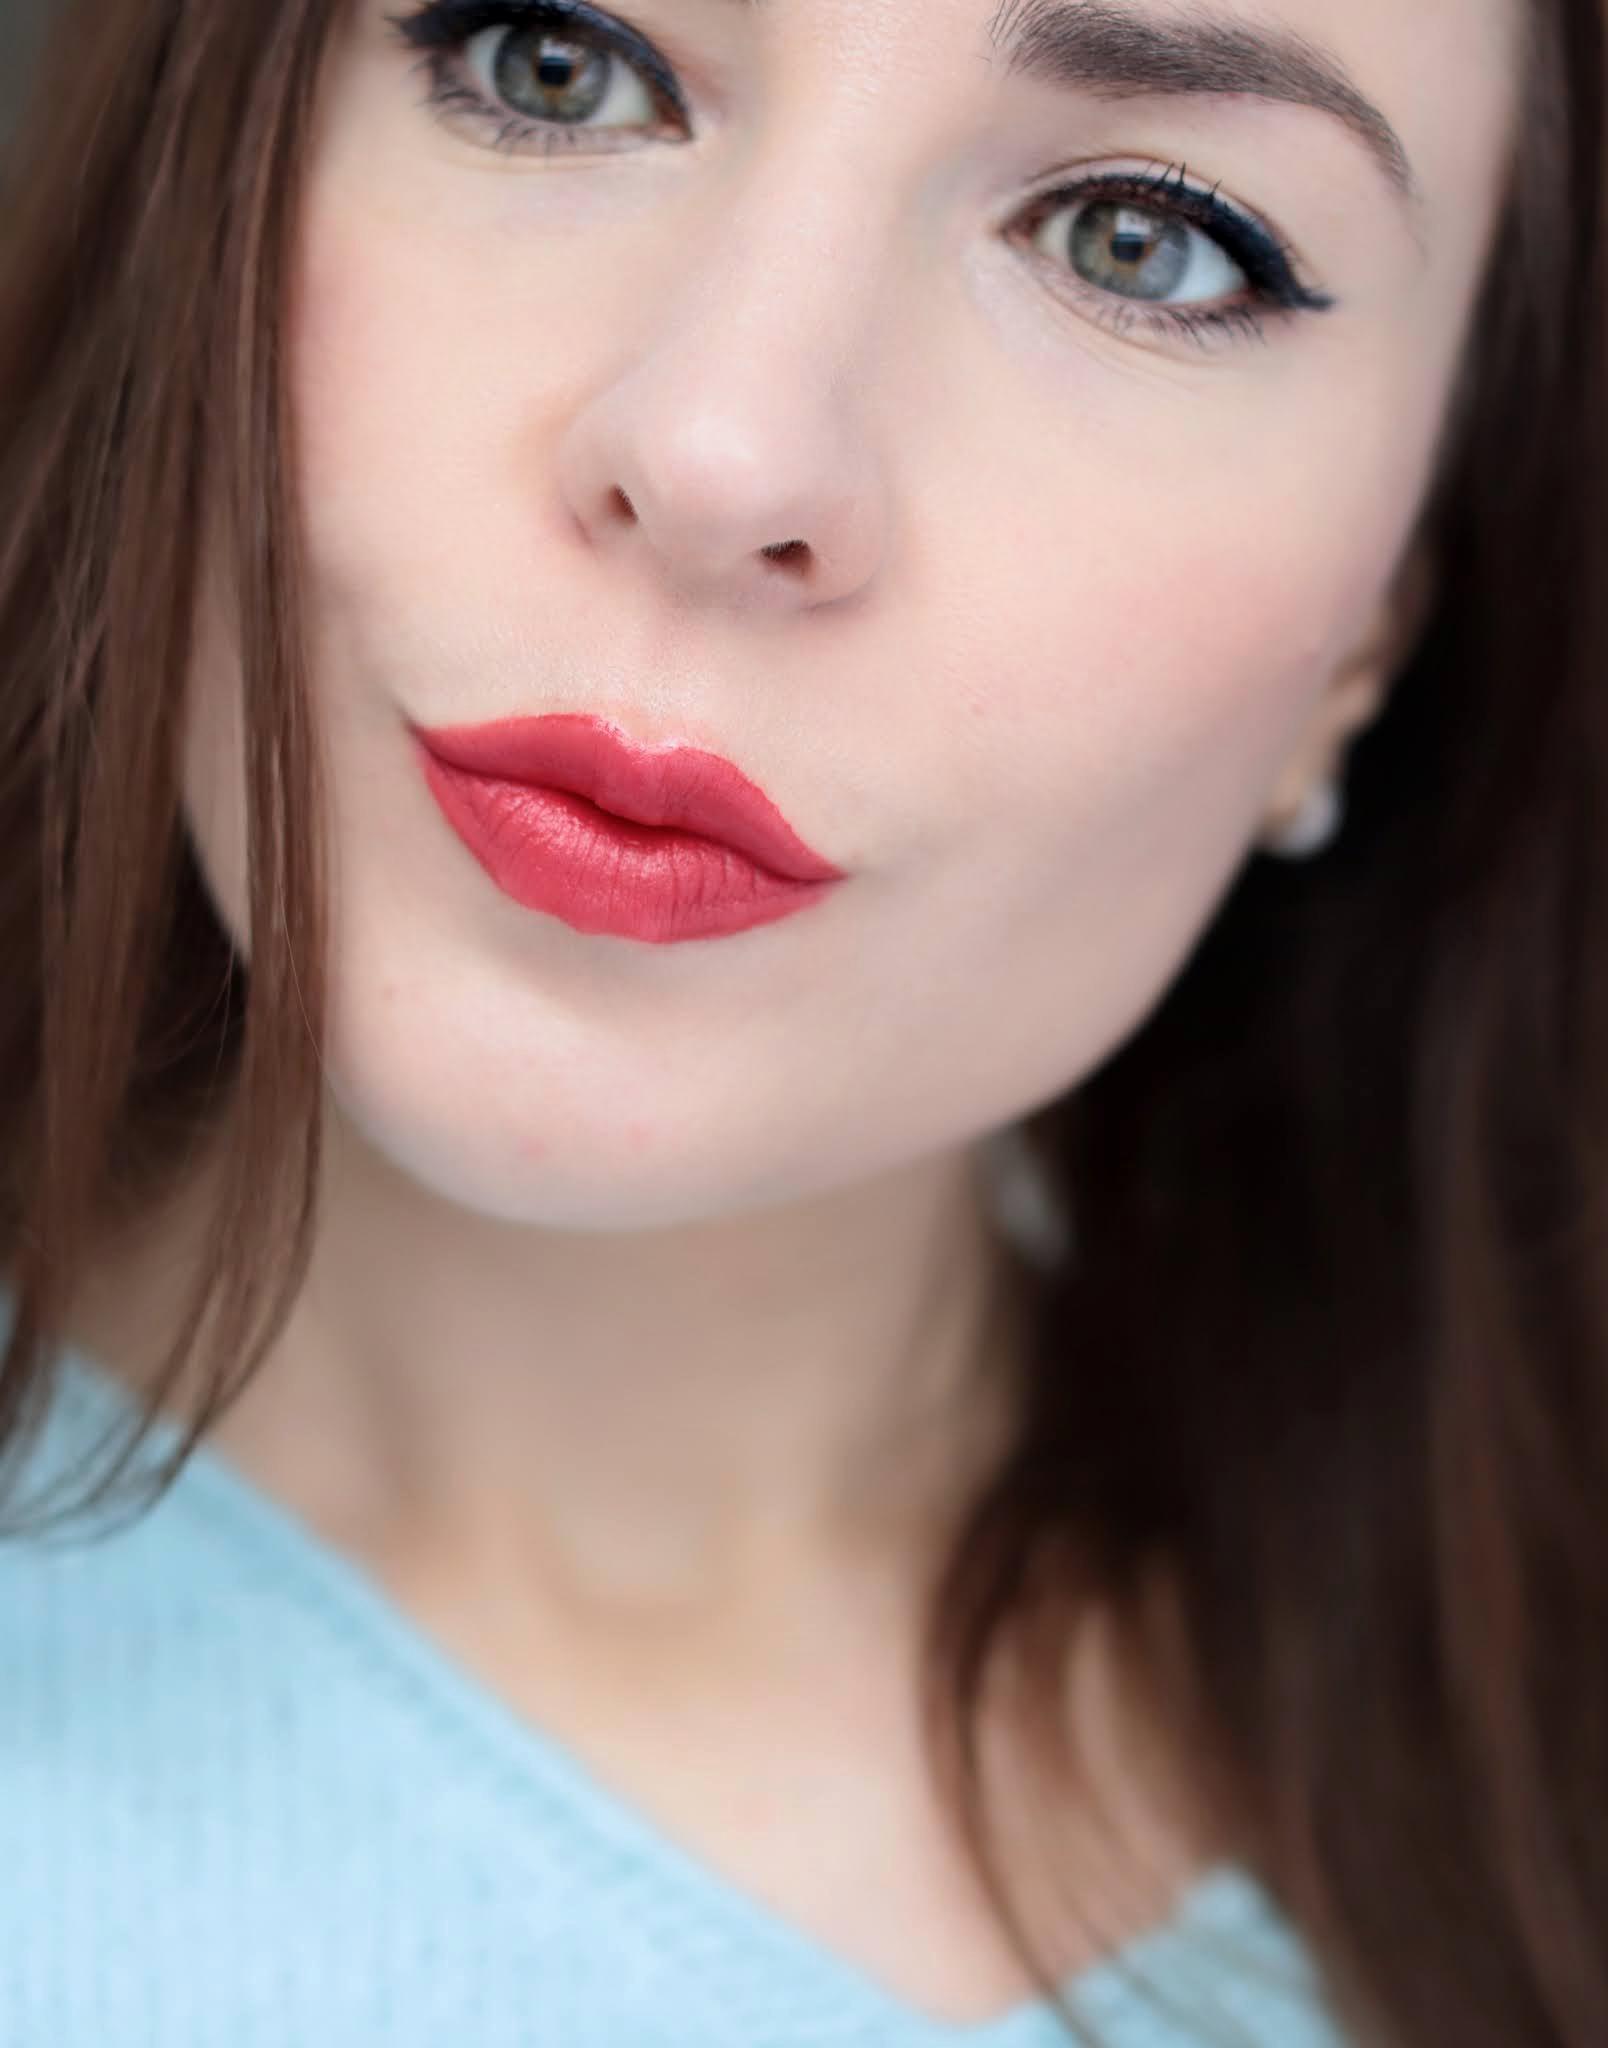 Guerlain Kiss Kiss Tender Matte 775 Kiss Rouge